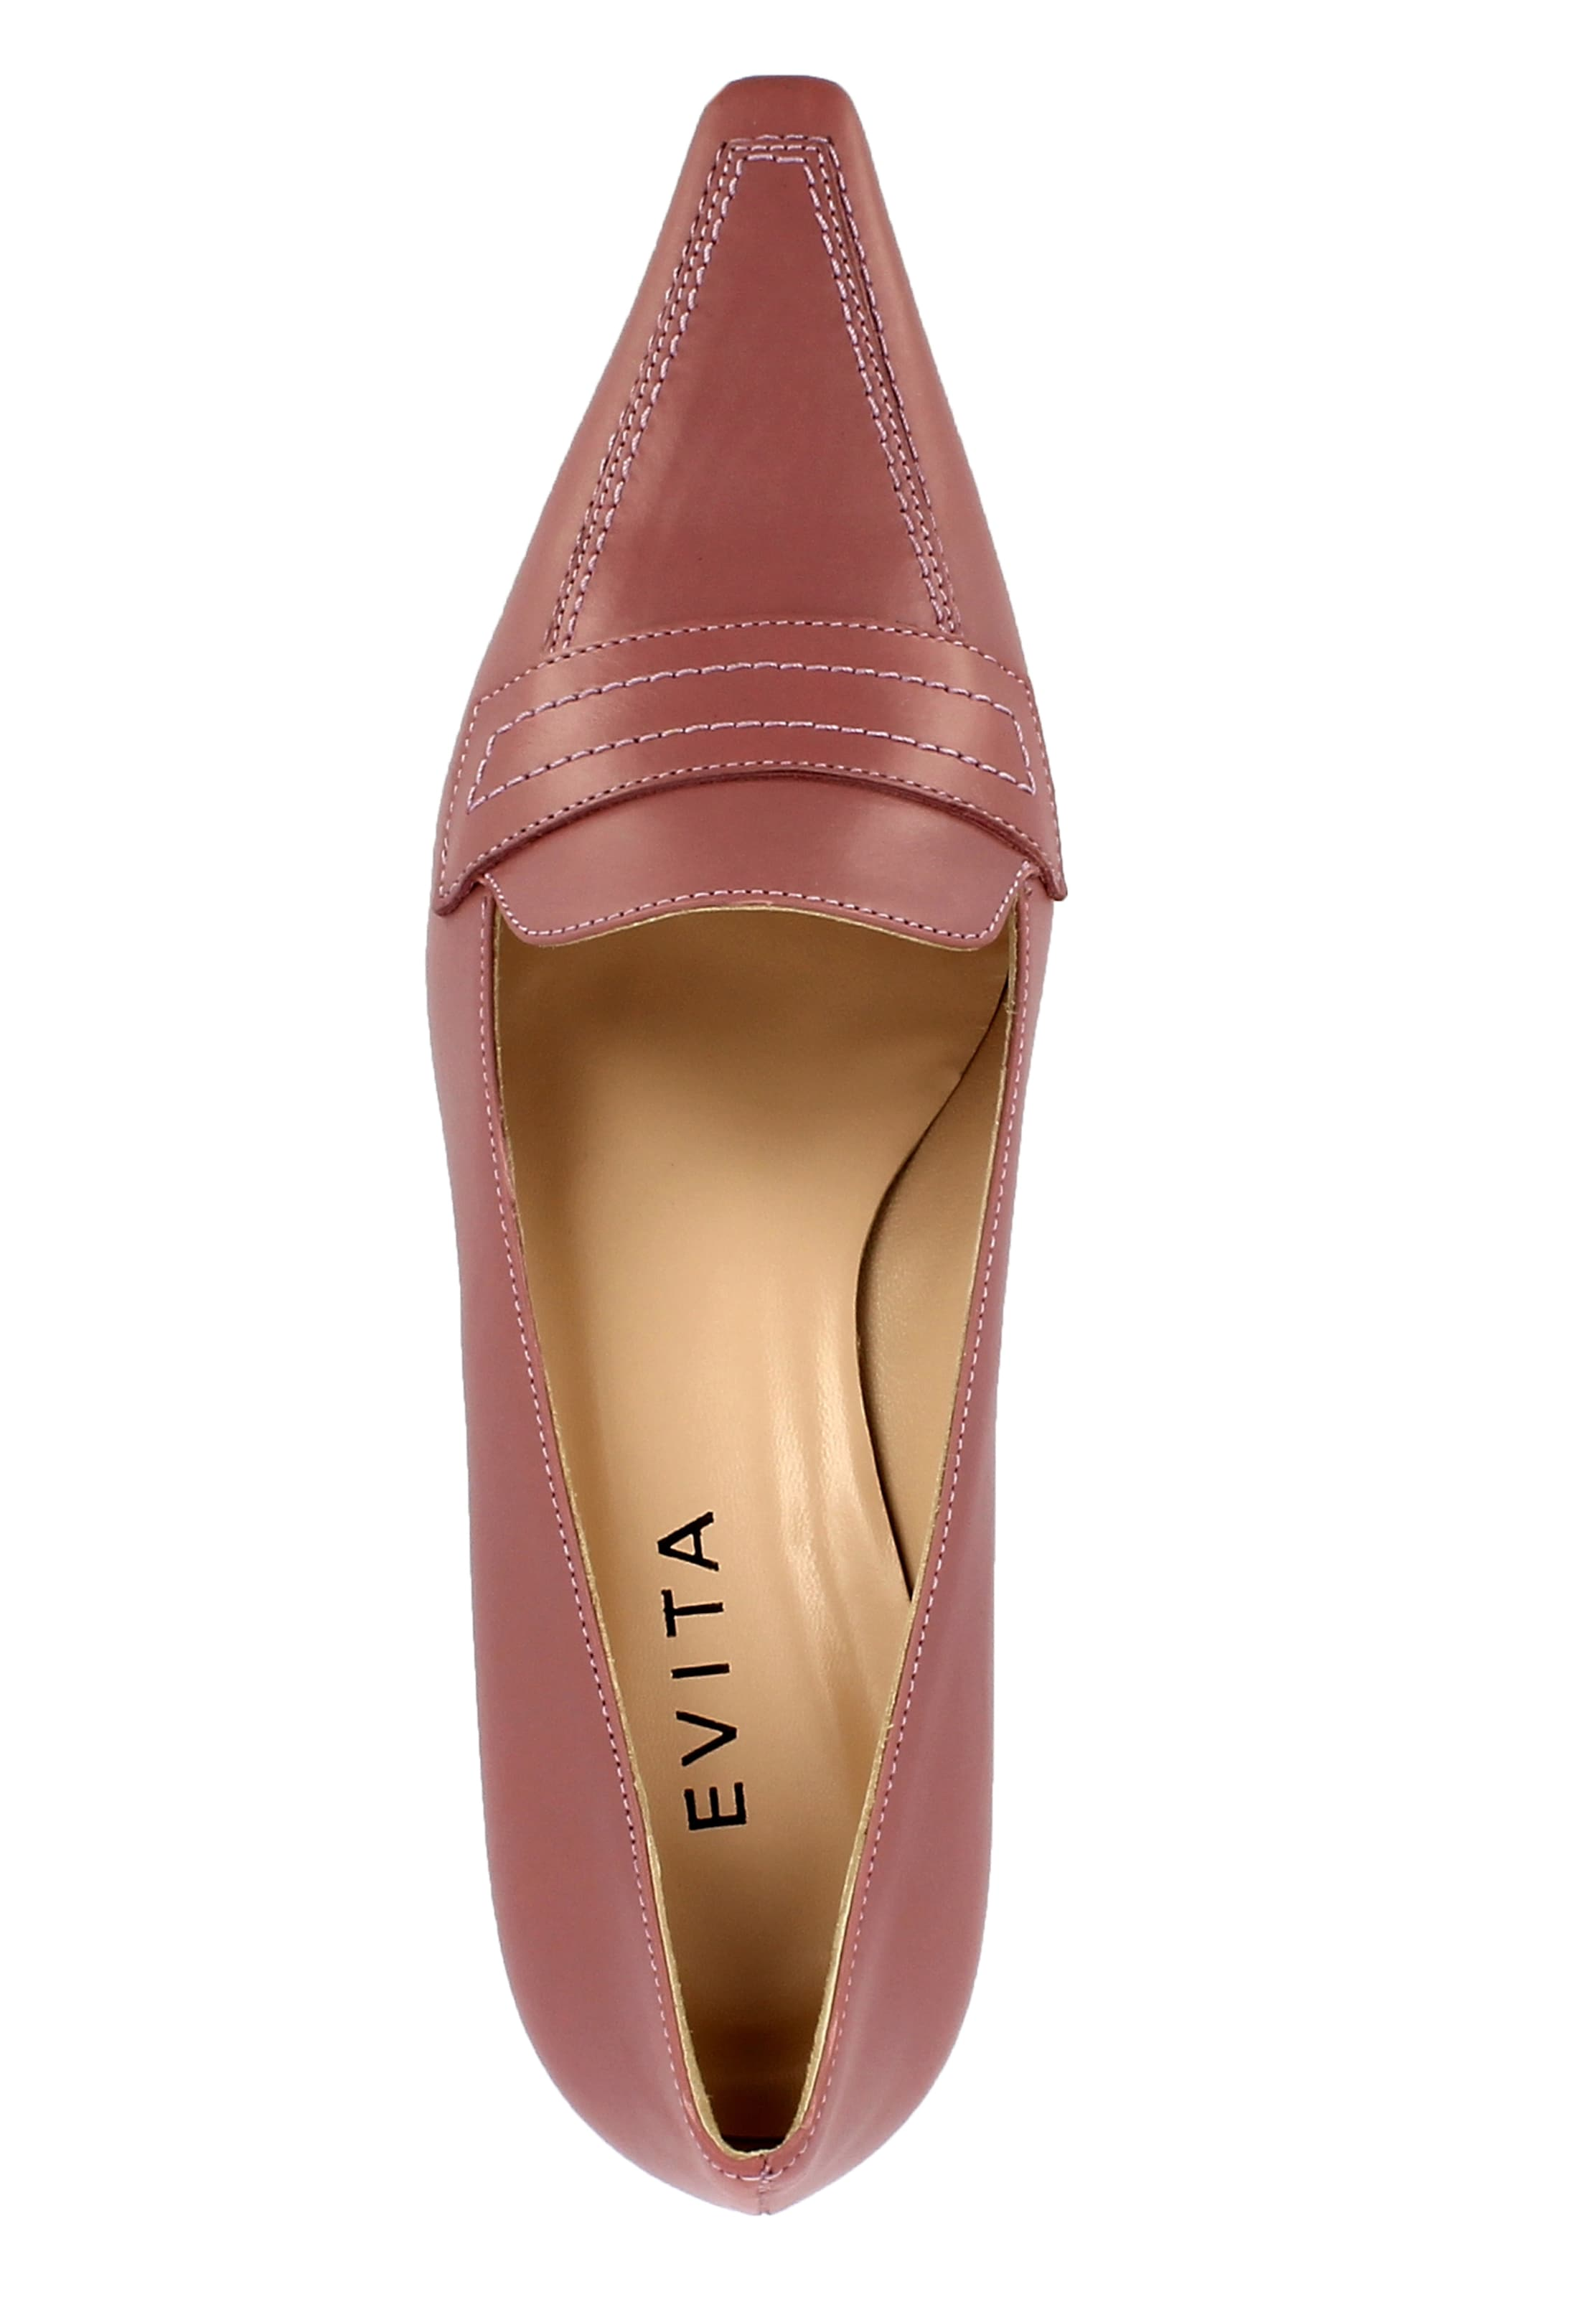 Escarpins Evita Rose Evita Evita En En En En Rose Escarpins Escarpins Rose Evita Escarpins Aq5j3L4R